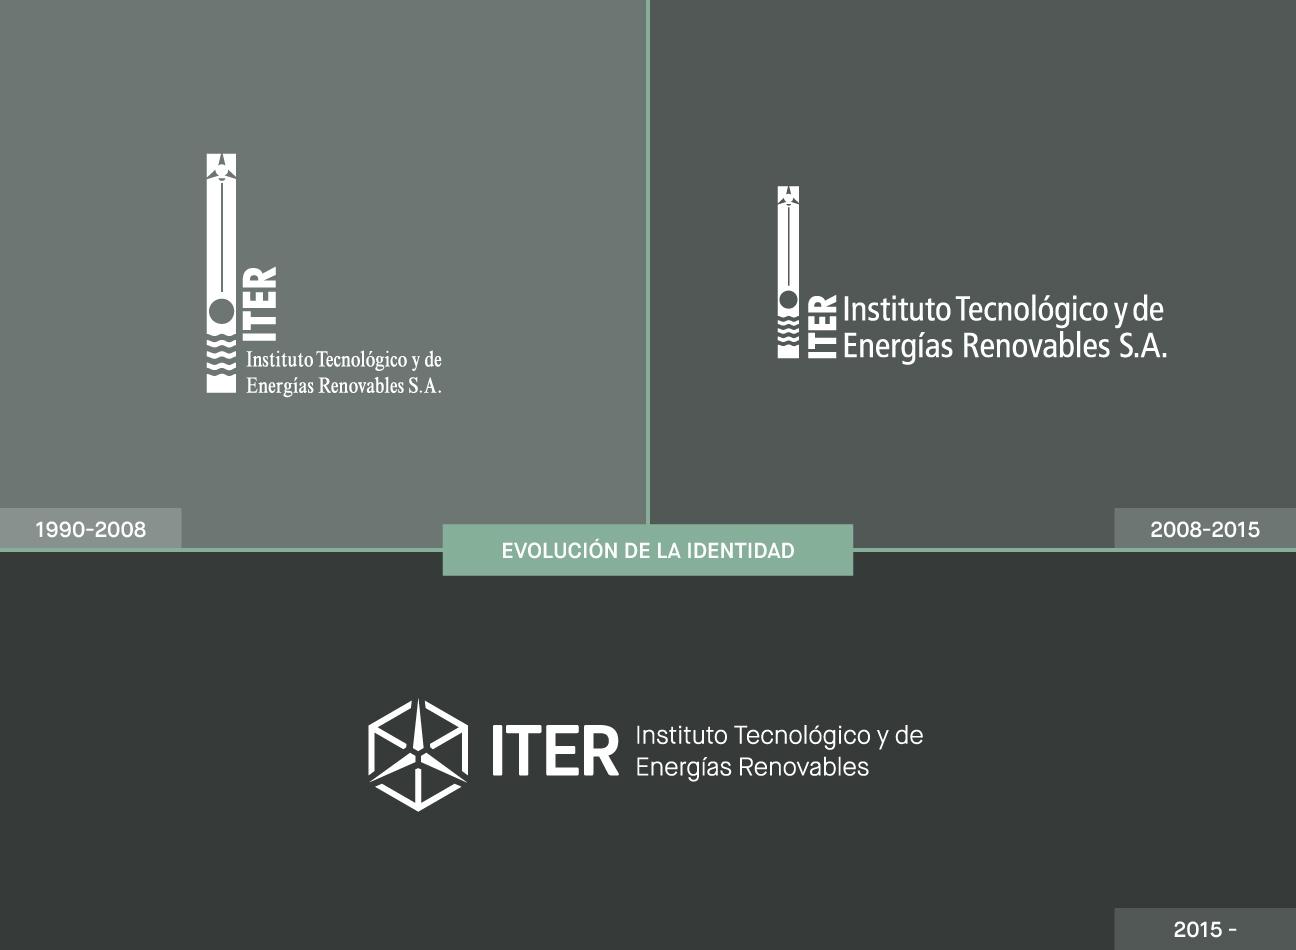 La evolución de la identidad del ITER